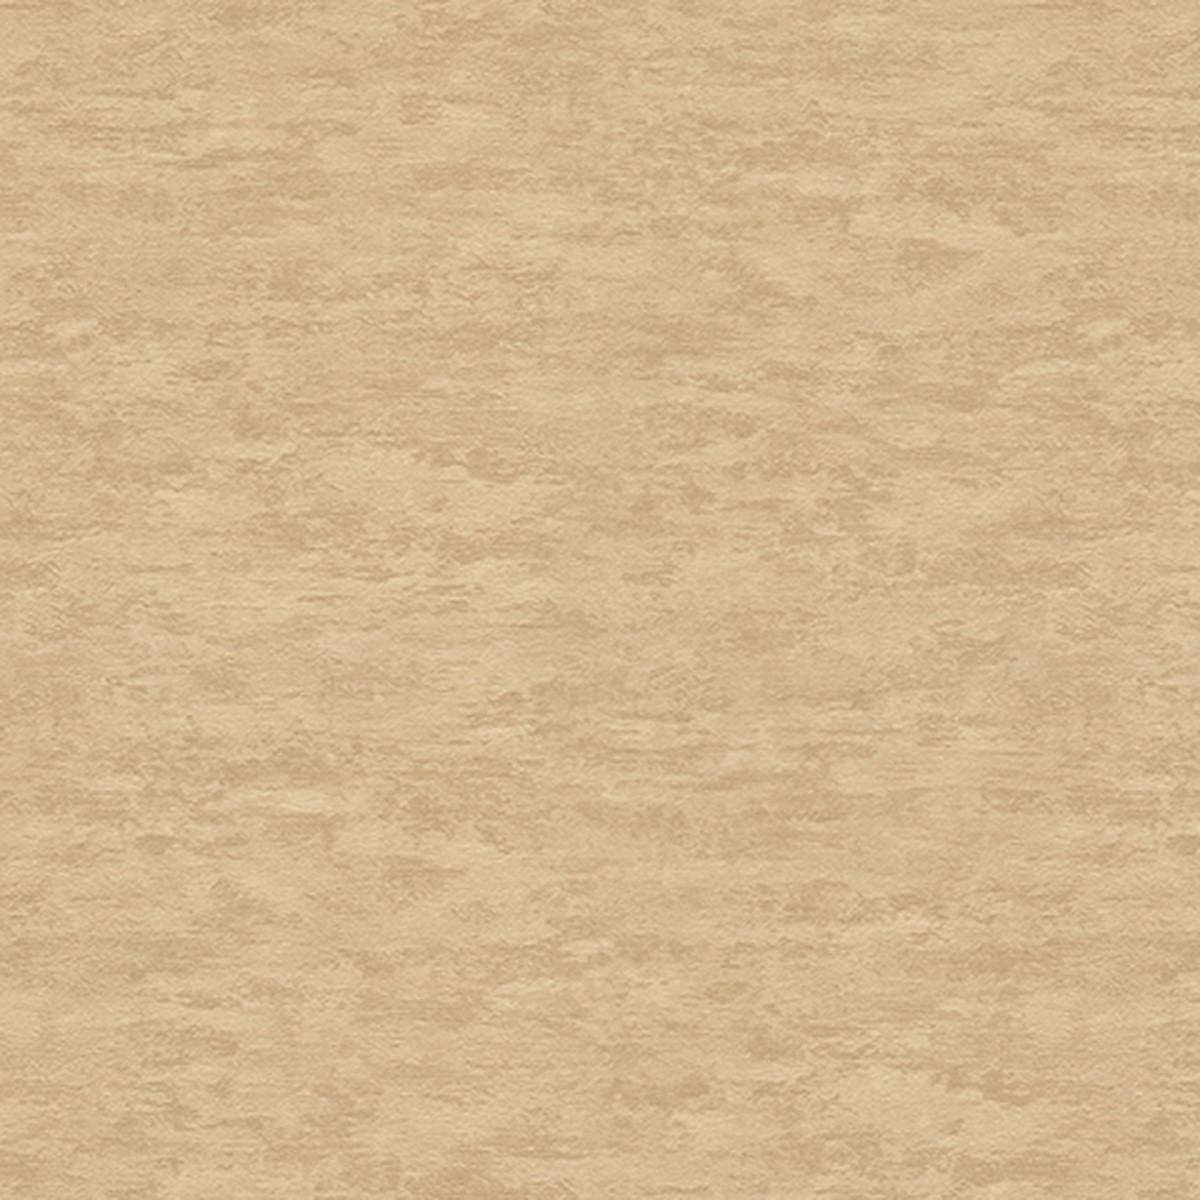 Обои флизелиновые С.Л.Г. бежевые 1.06 м 1-0893